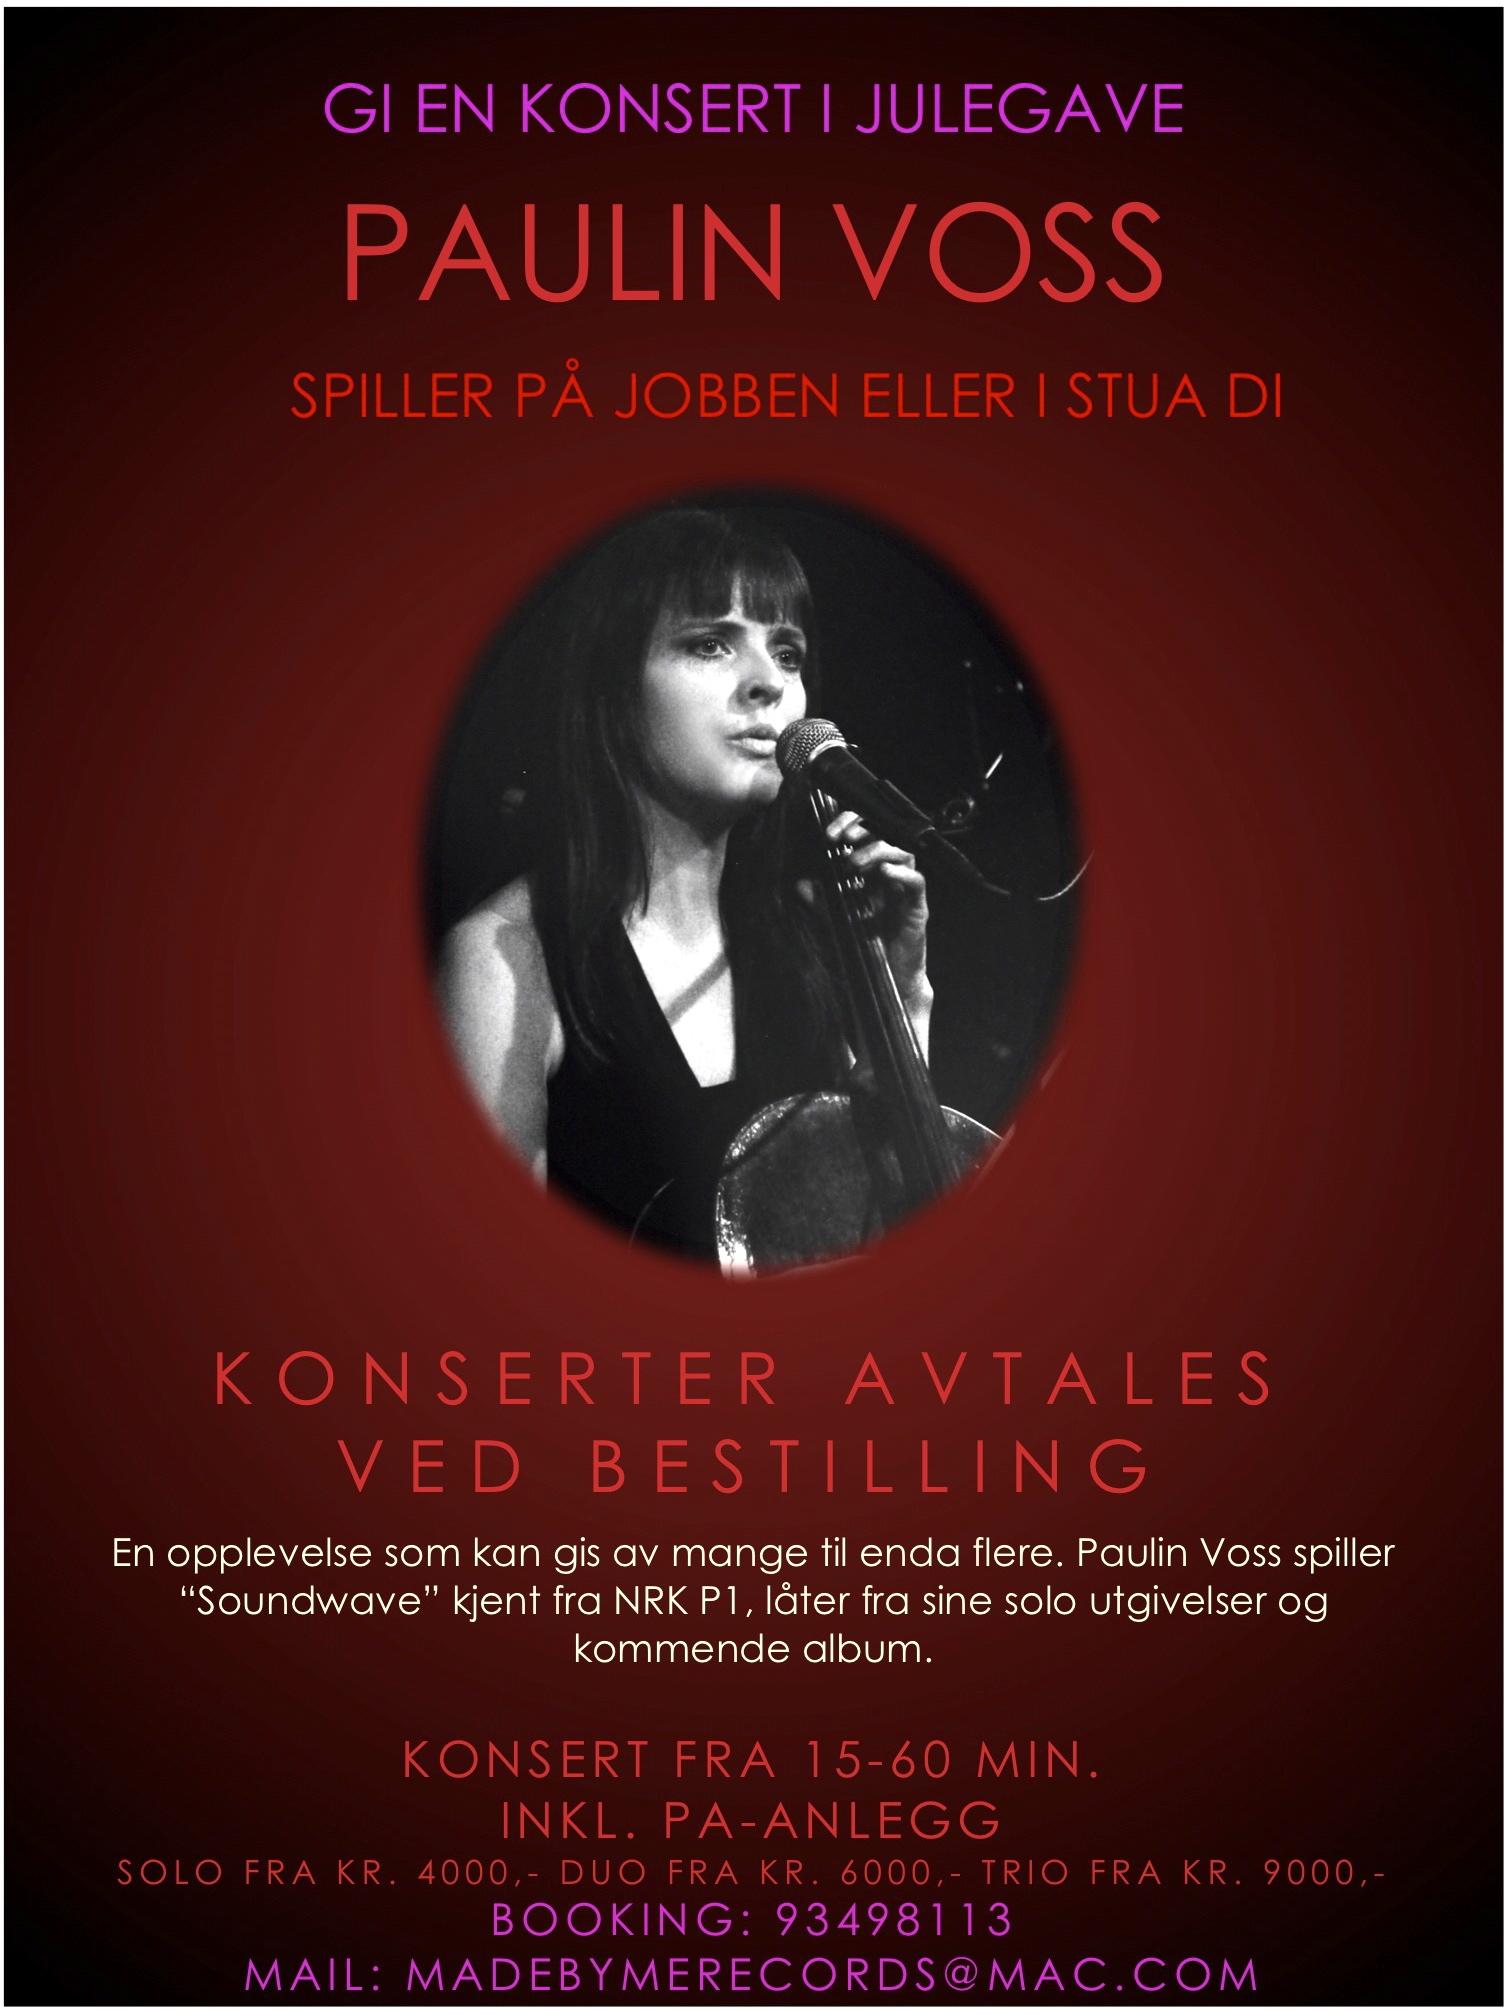 Gi en konsert i julegave!